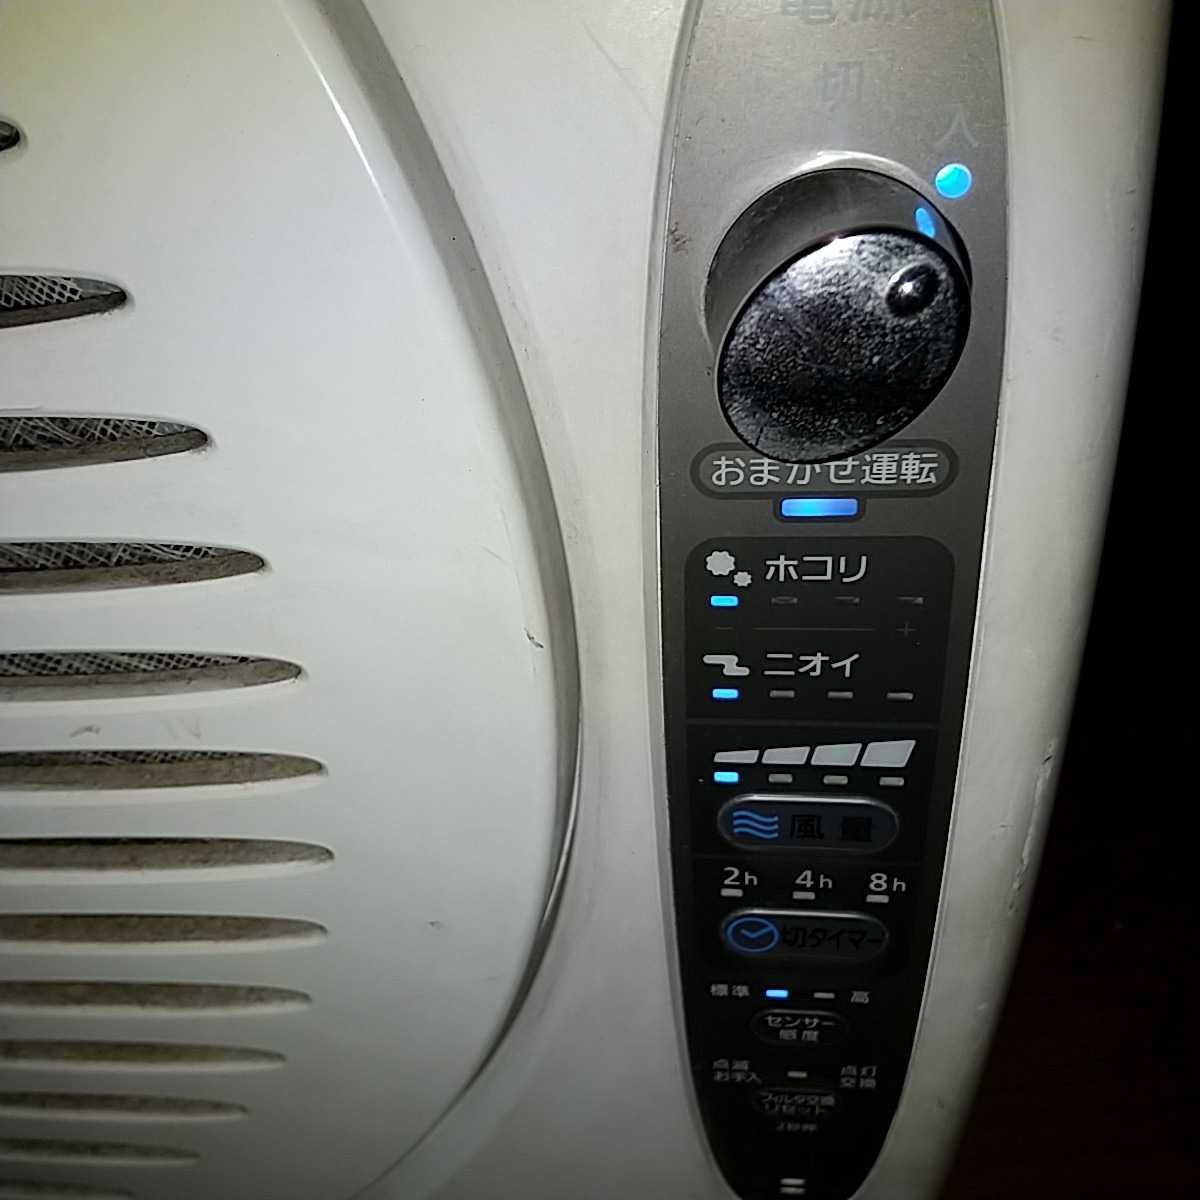 新品 ロータリー空気清浄機 交換用 ロータリーフィルター タッパーウェア 抗ウィルス加工 カンキョー_画像5